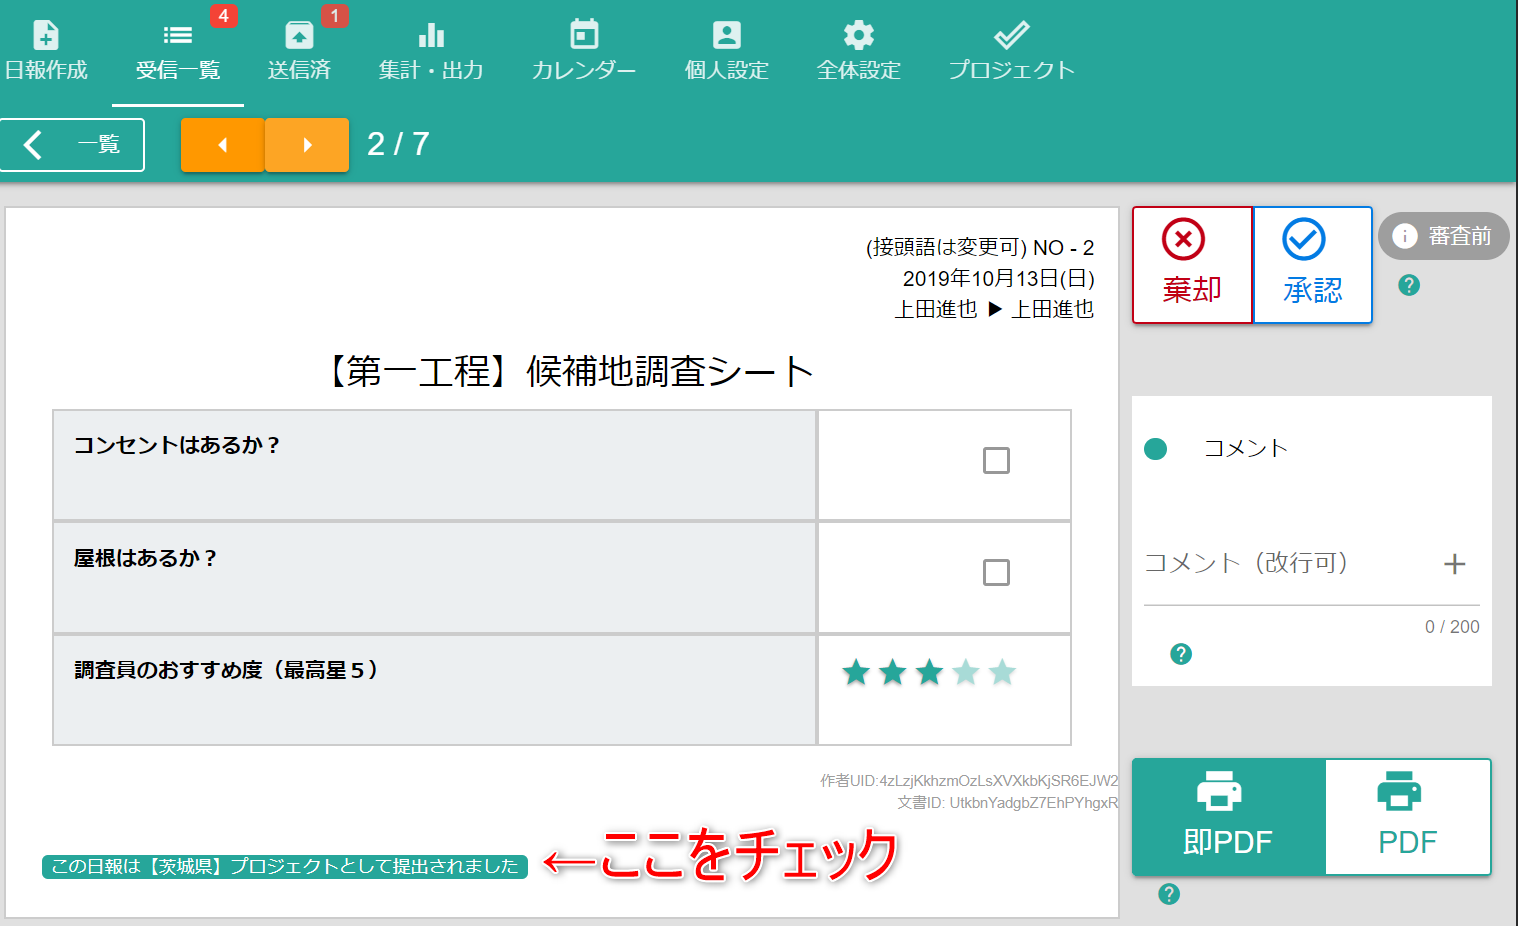 受信BOXからもプロジェクトに関する報告書を読むことができる